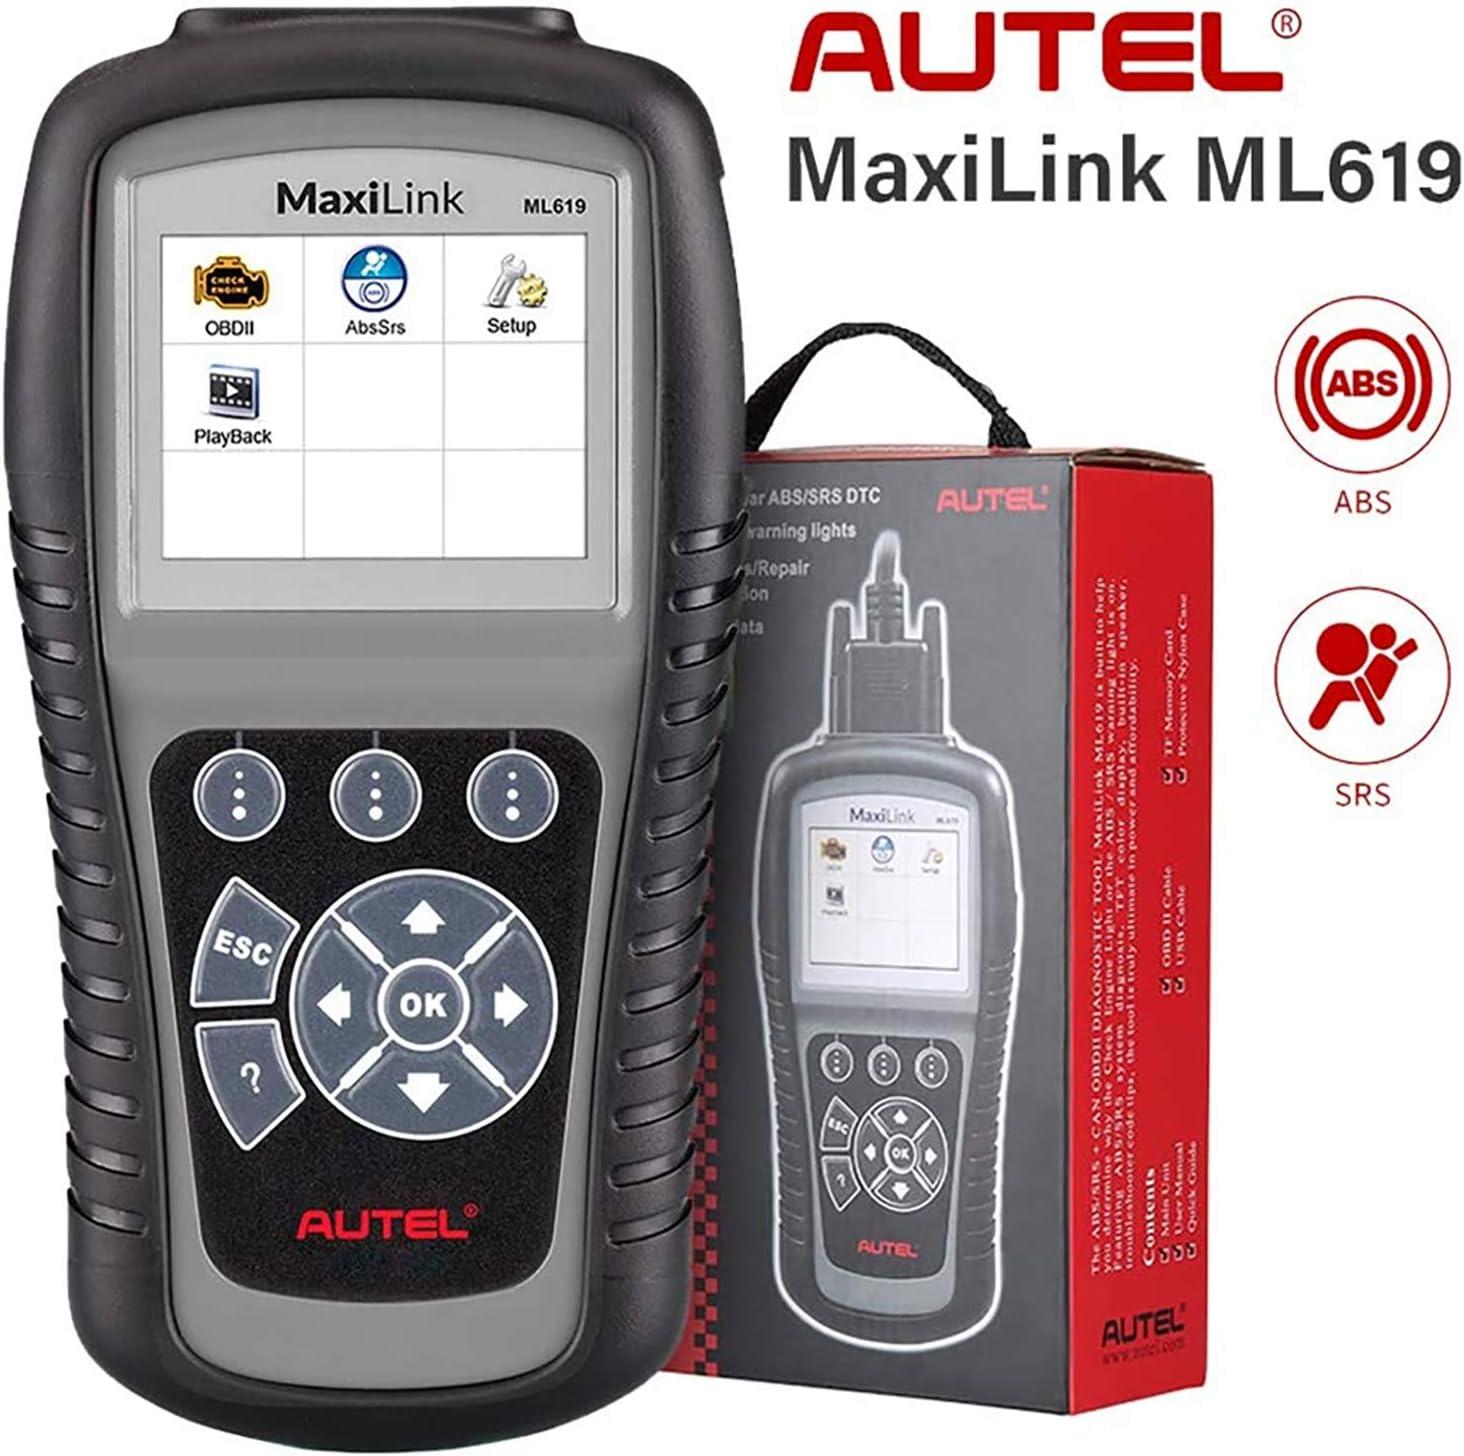 Autel ABS SRS ML619